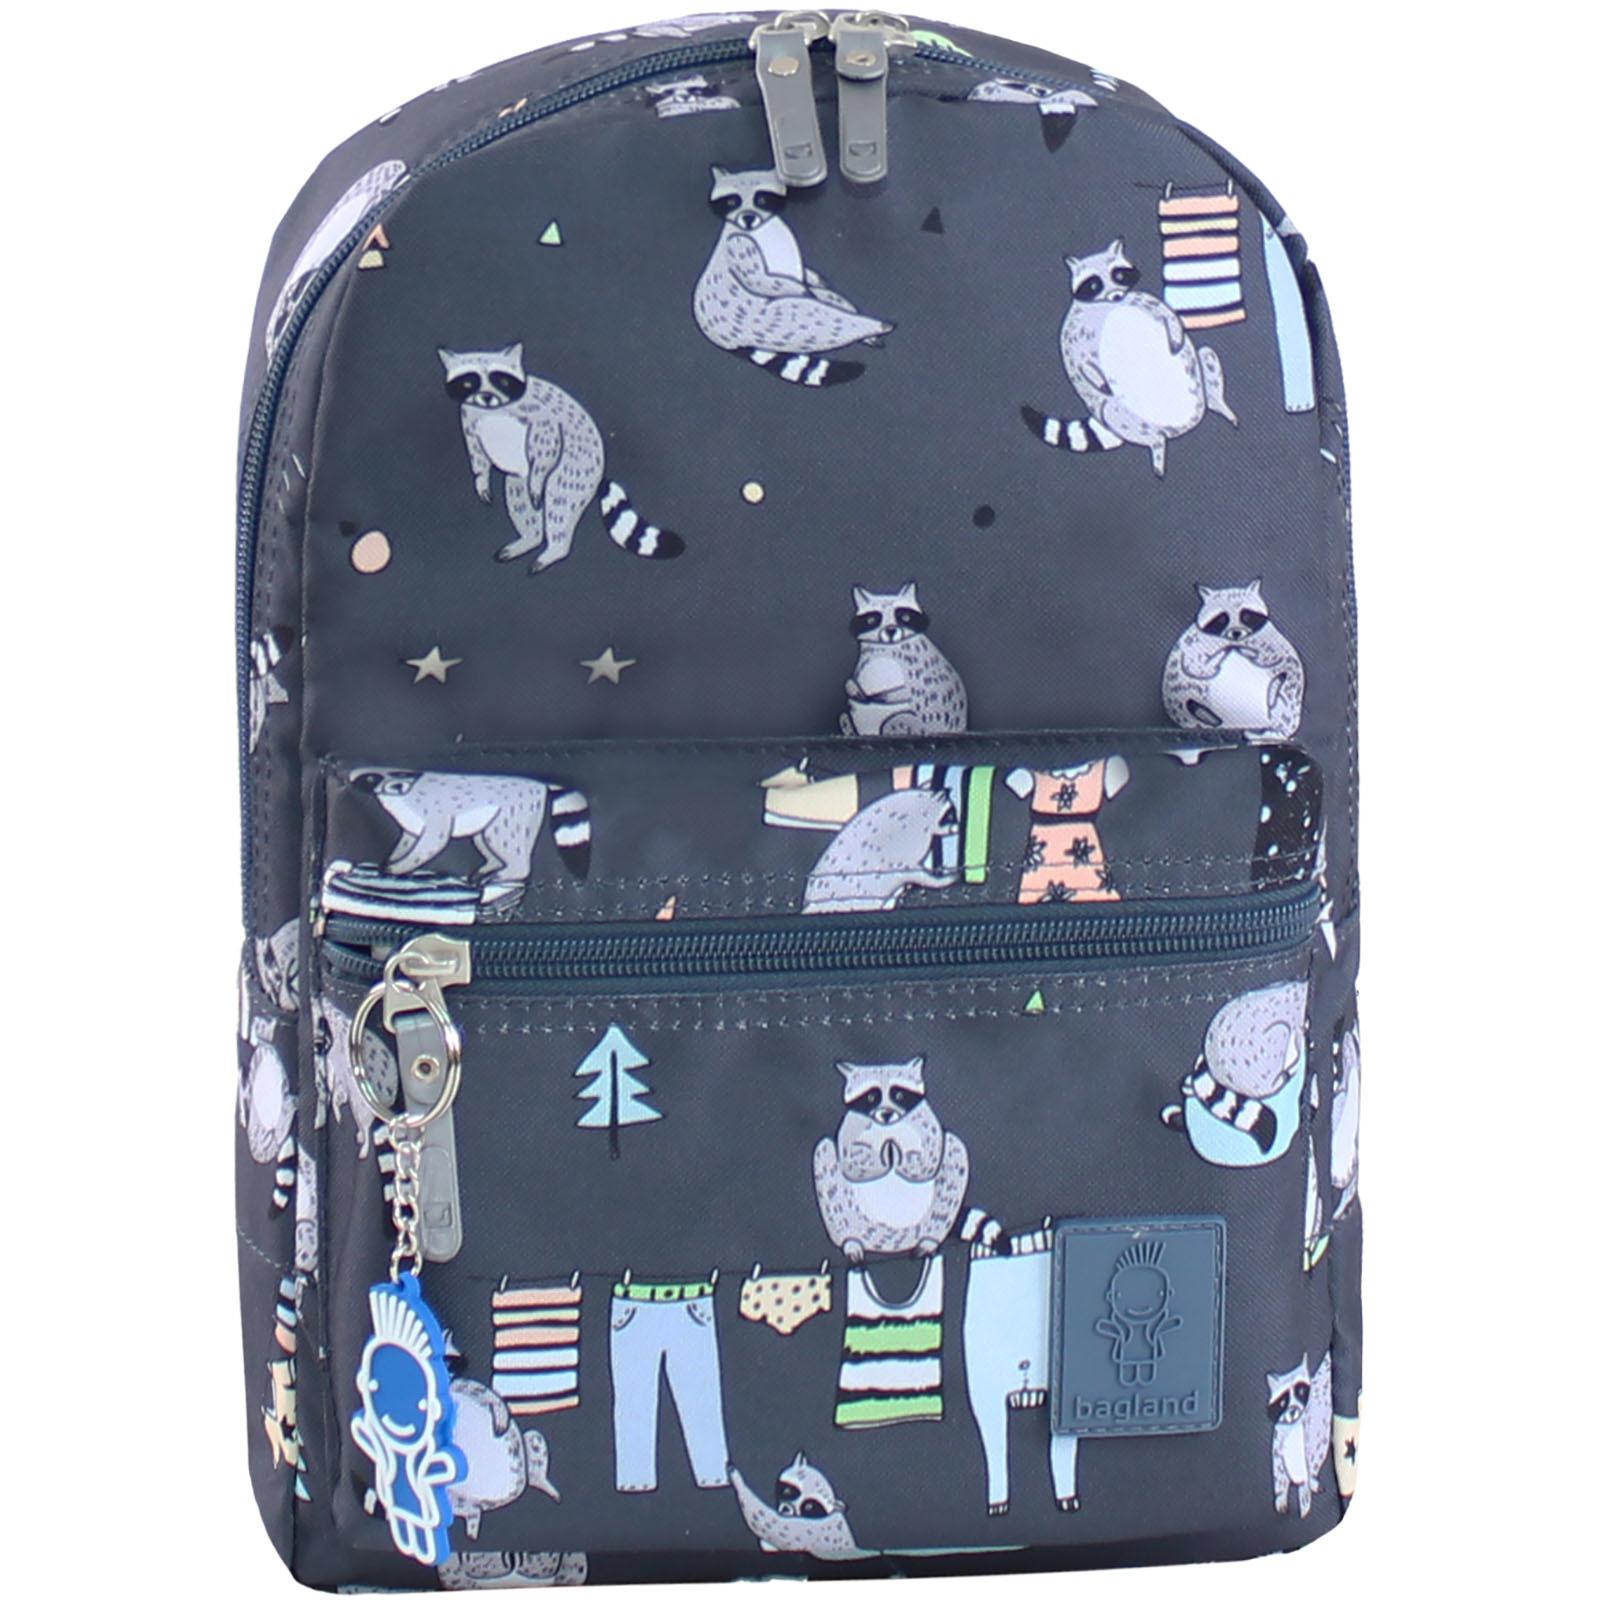 Детские рюкзаки Рюкзак Bagland Молодежный mini 8 л. сублимация 220 (00508664) IMG_9381.JPG